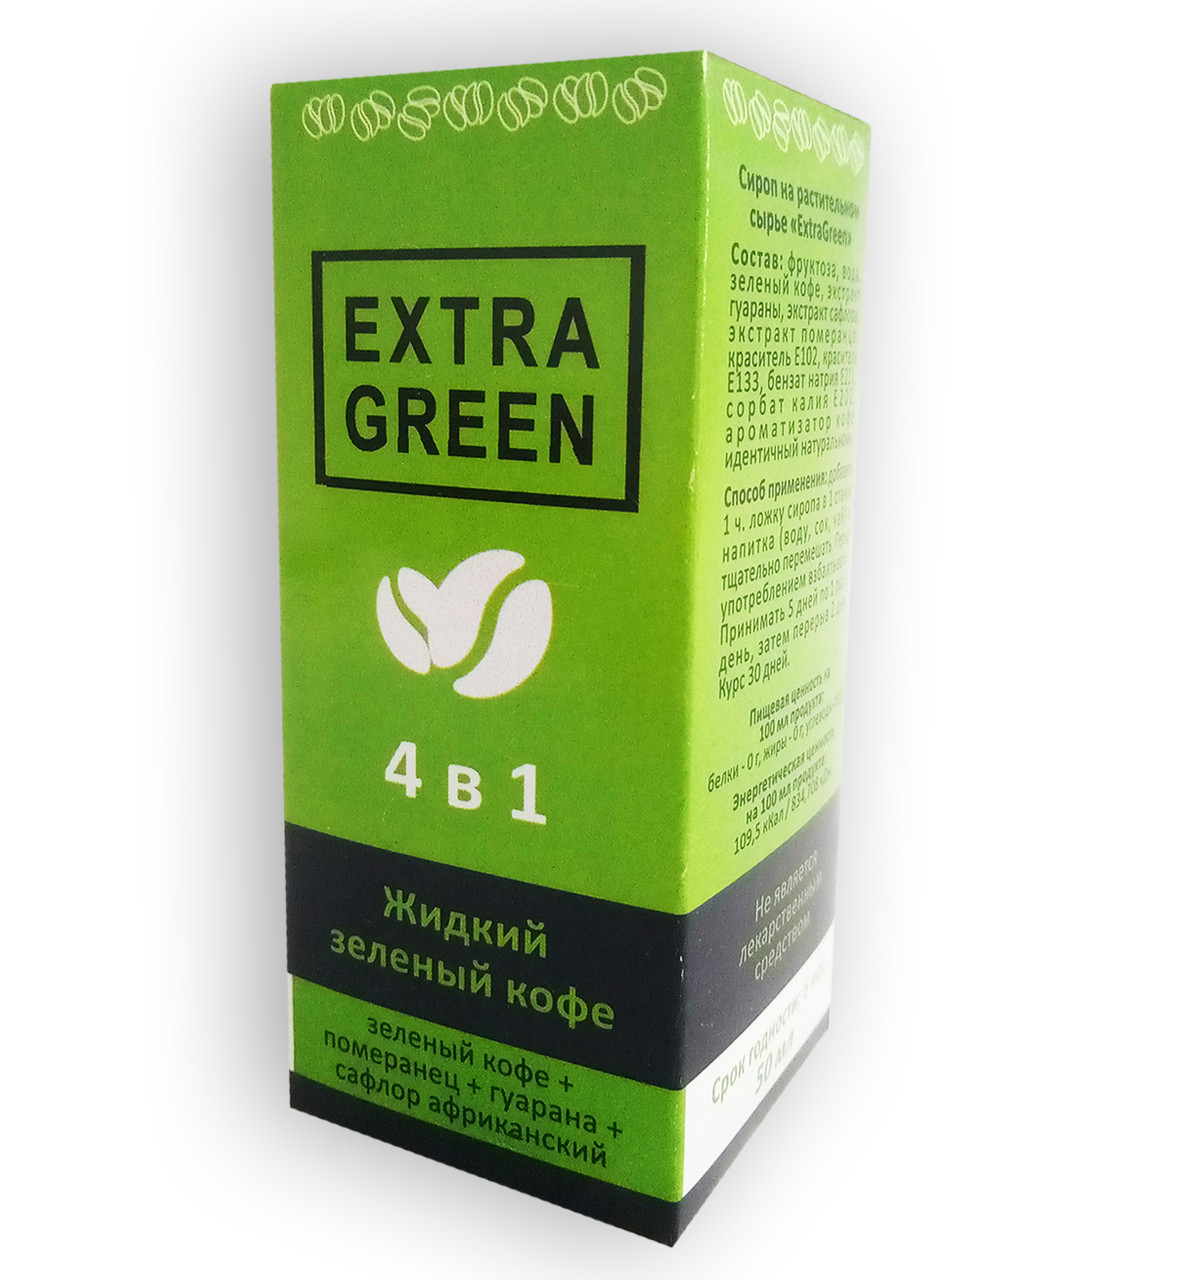 Зеленый кофе похудение астана